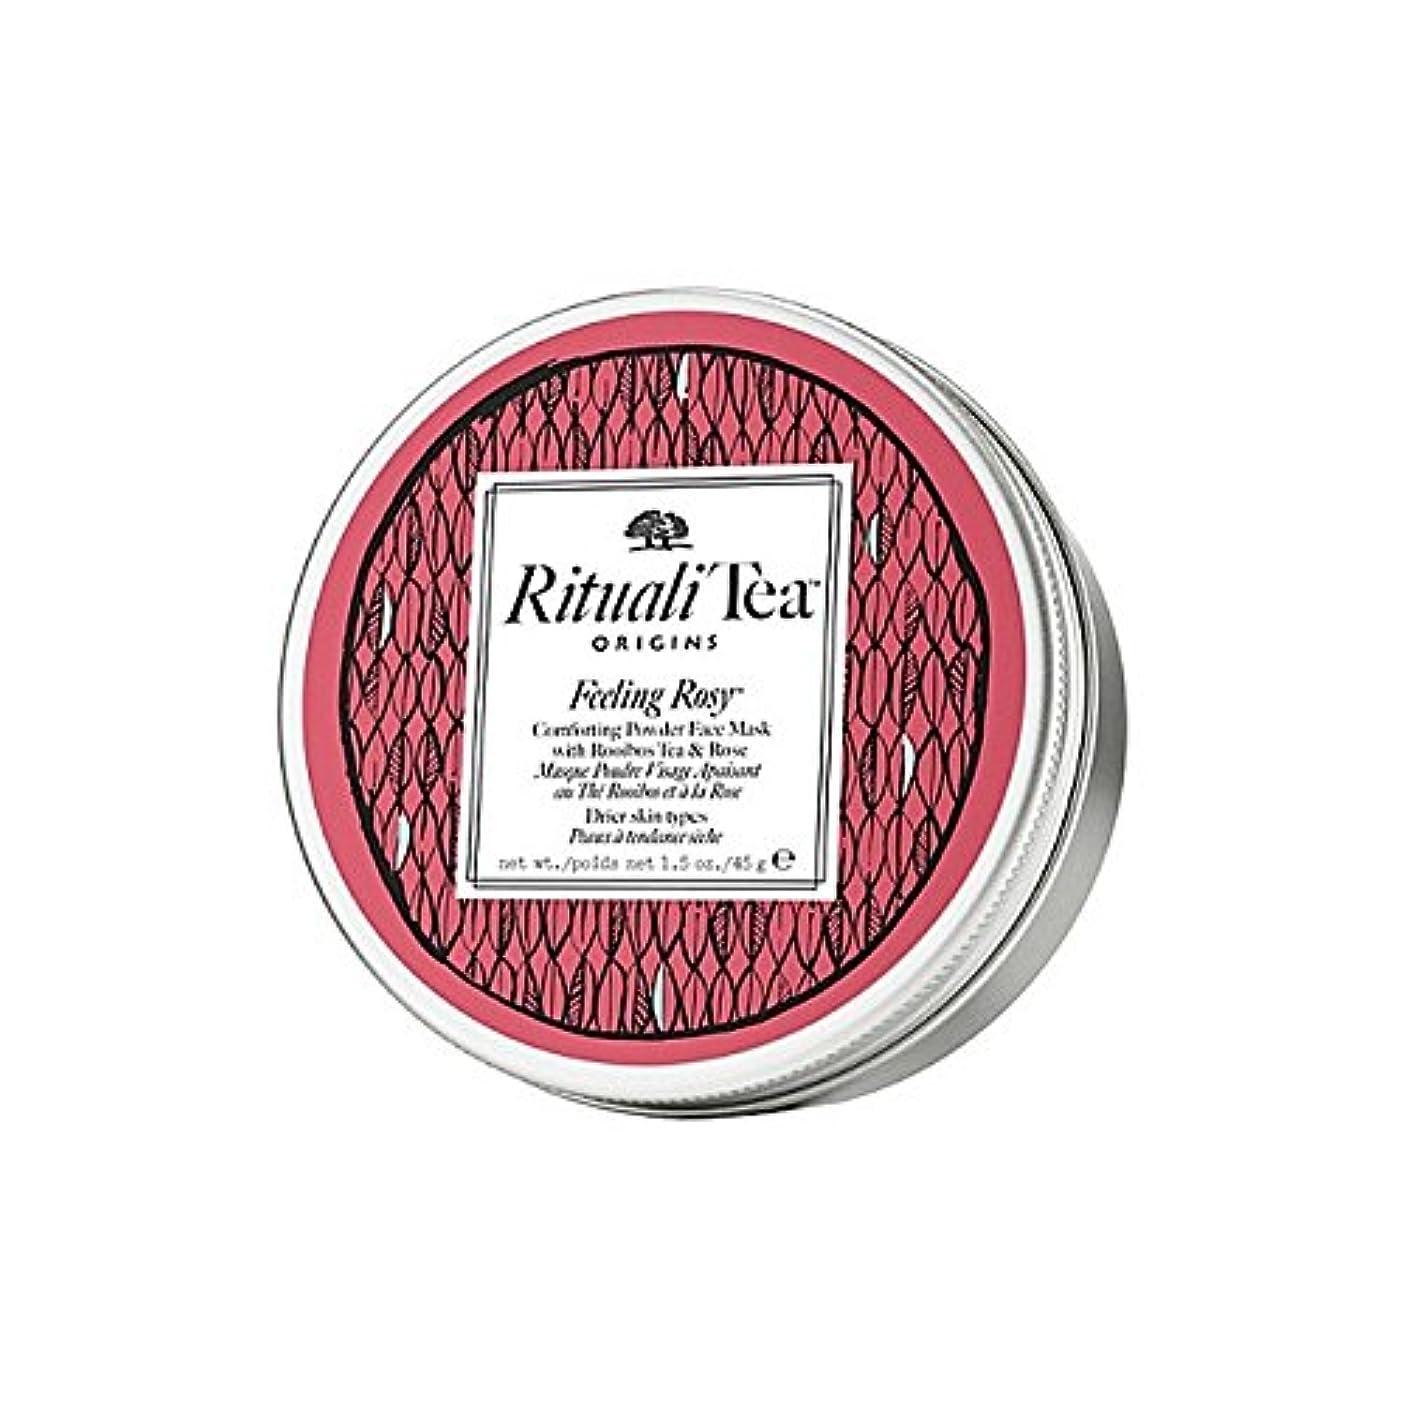 初期のそれからなくなるOrigins Ritualitea Feeling Rosy Face Mask (Pack of 6) - バラ色のフェイスマスクを感じ起源 x6 [並行輸入品]